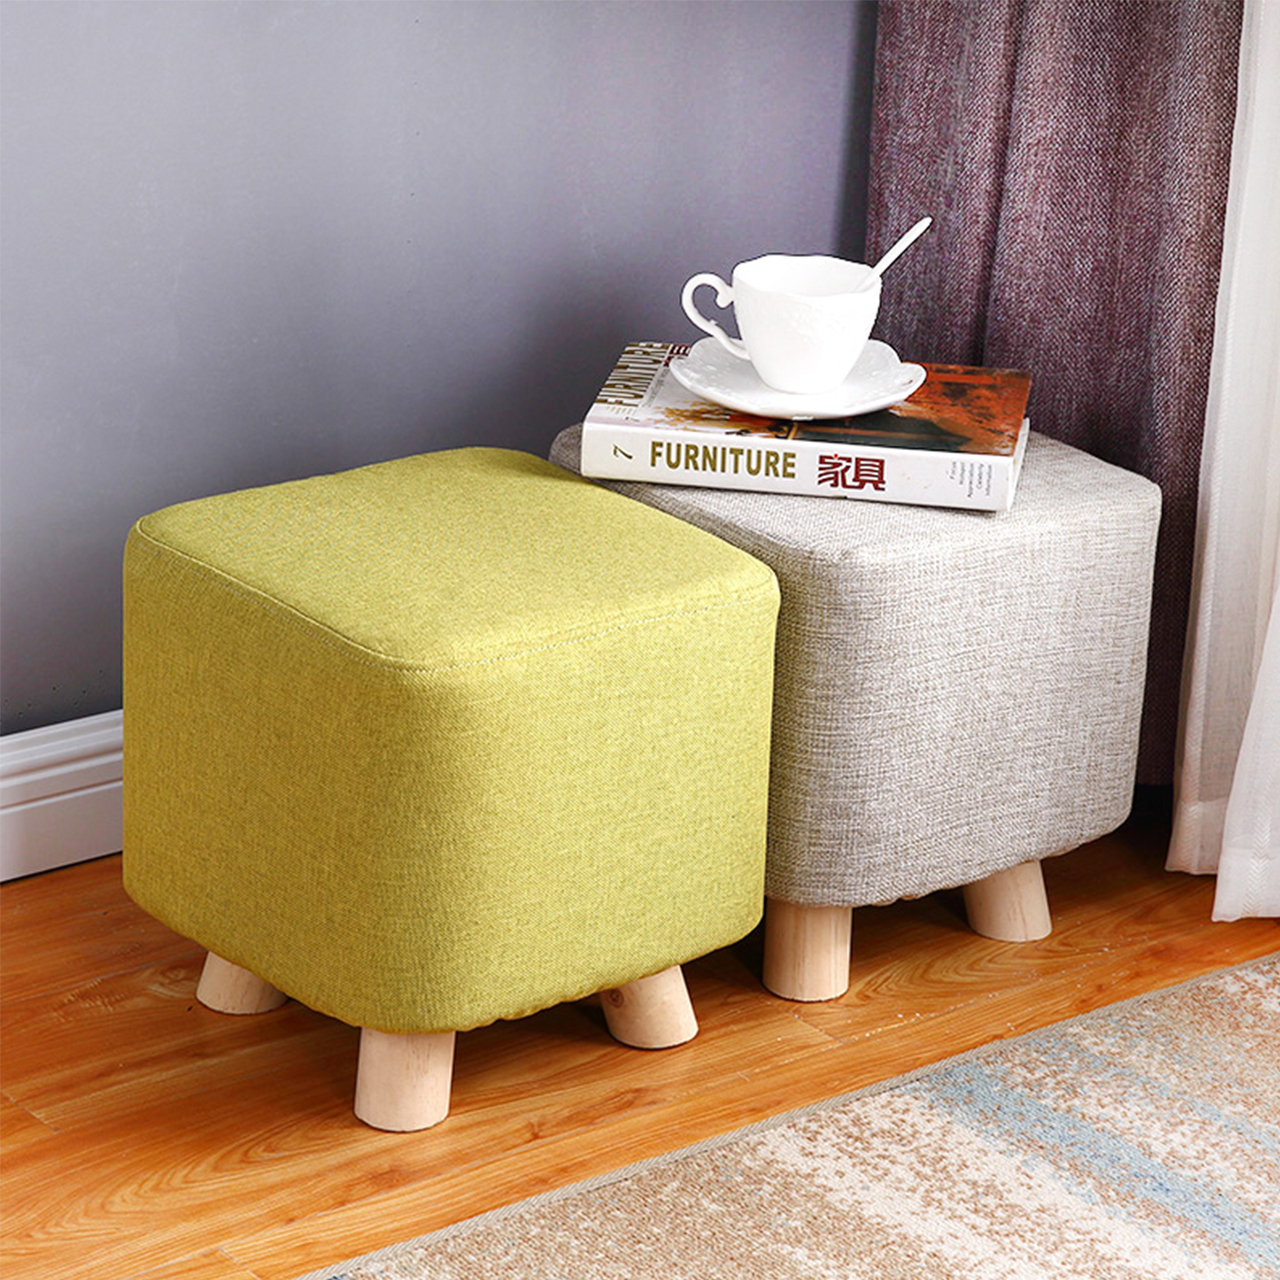 日益红 实木布艺家用矮凳  多款